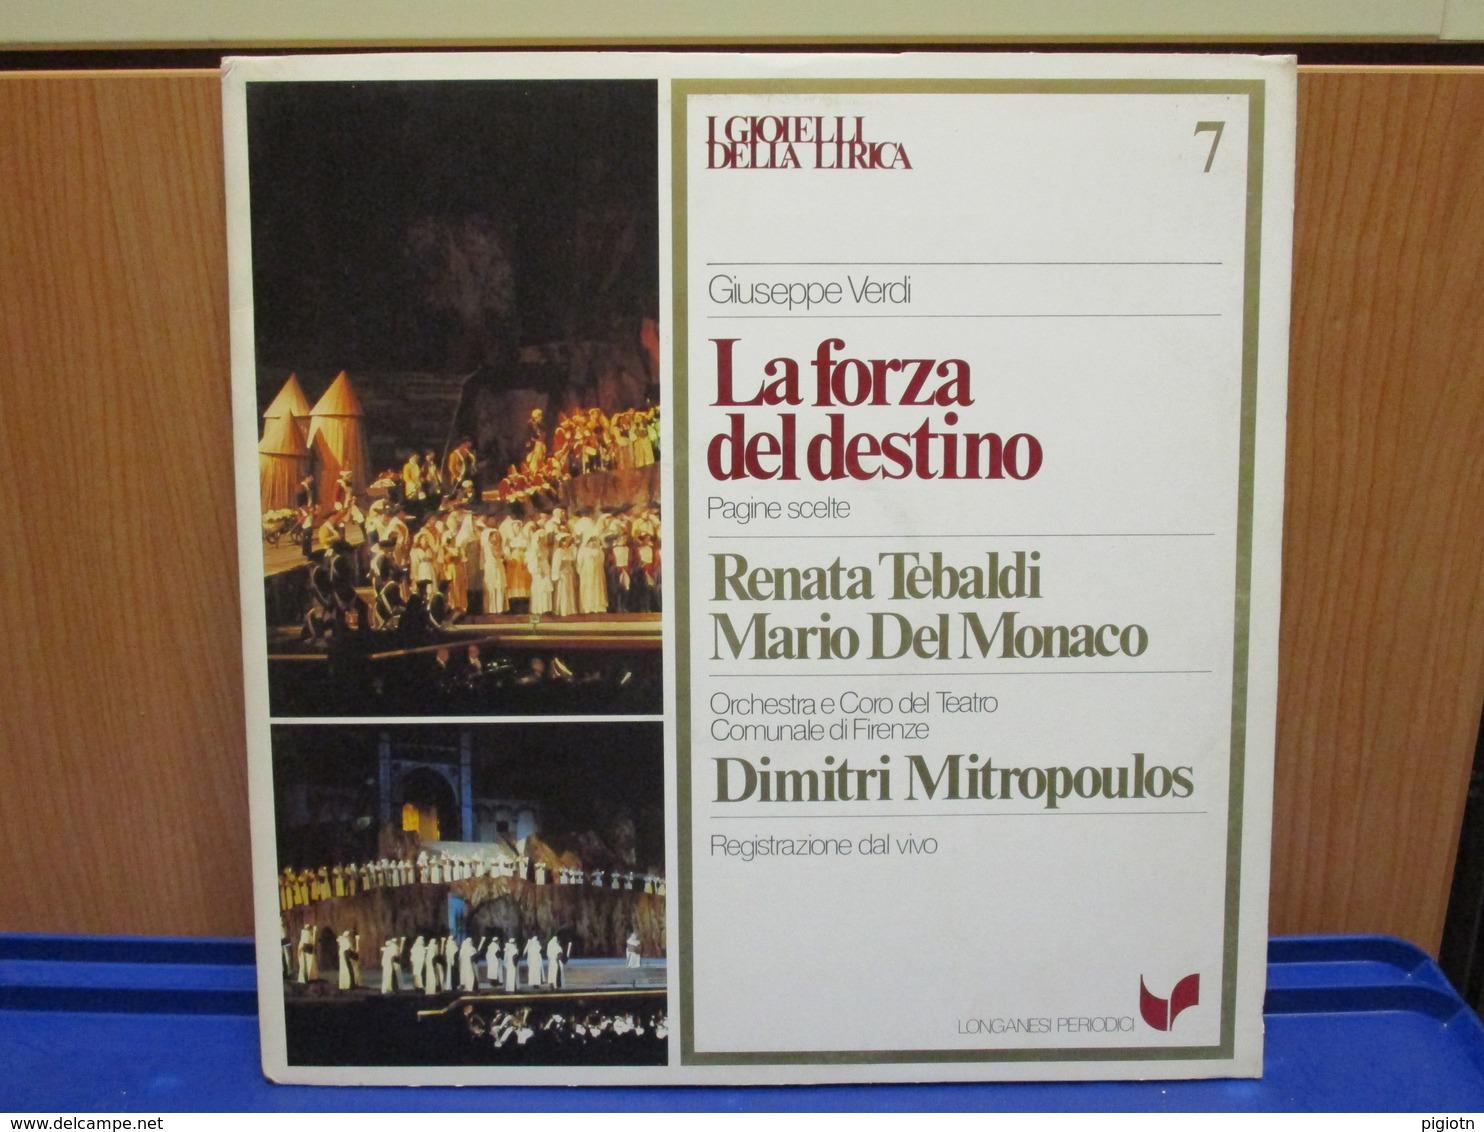 LP044 -I GIOIELLI DELLA LIRICA - LA FORZA DEL DESTINO - N. 7 - RENATA TEBALDI-MARIO DEL MONACO - Oper & Operette